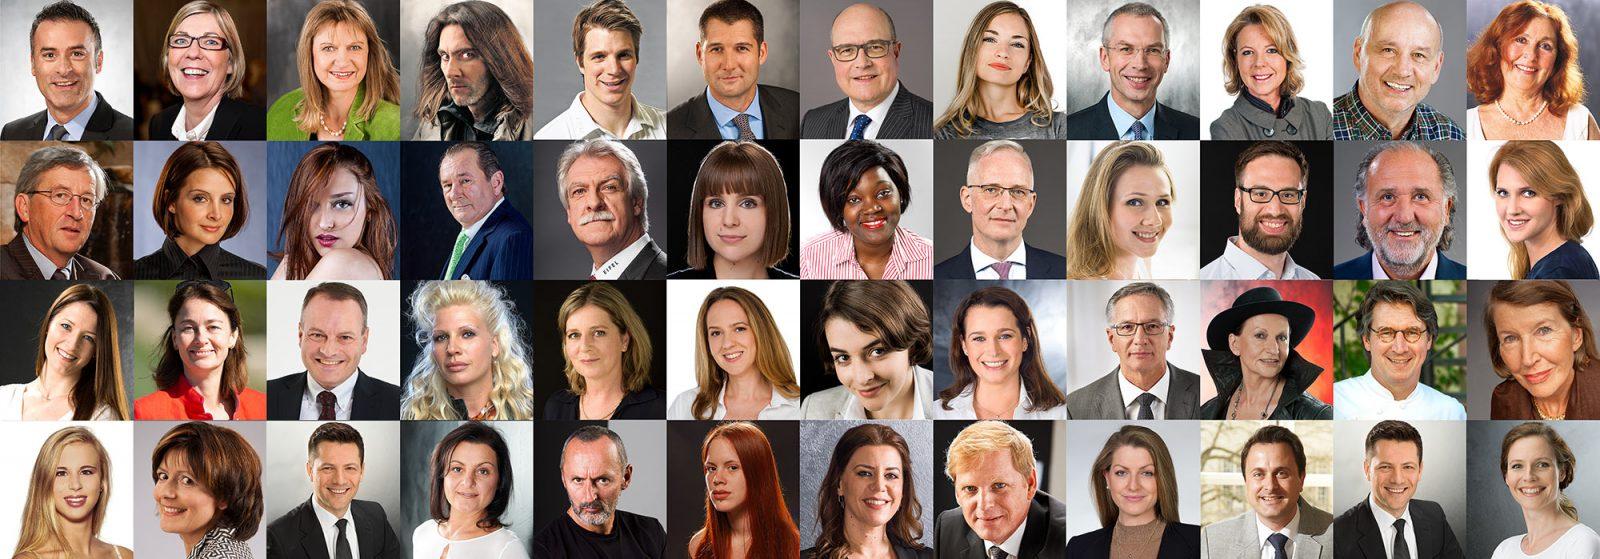 Fotograf Yaph hat bereits 25000 Menschen in Portraitfotos fotografiert, seit dem Jahr 1990, als das Fotostudio Yaph in Trier gegründet wurde.